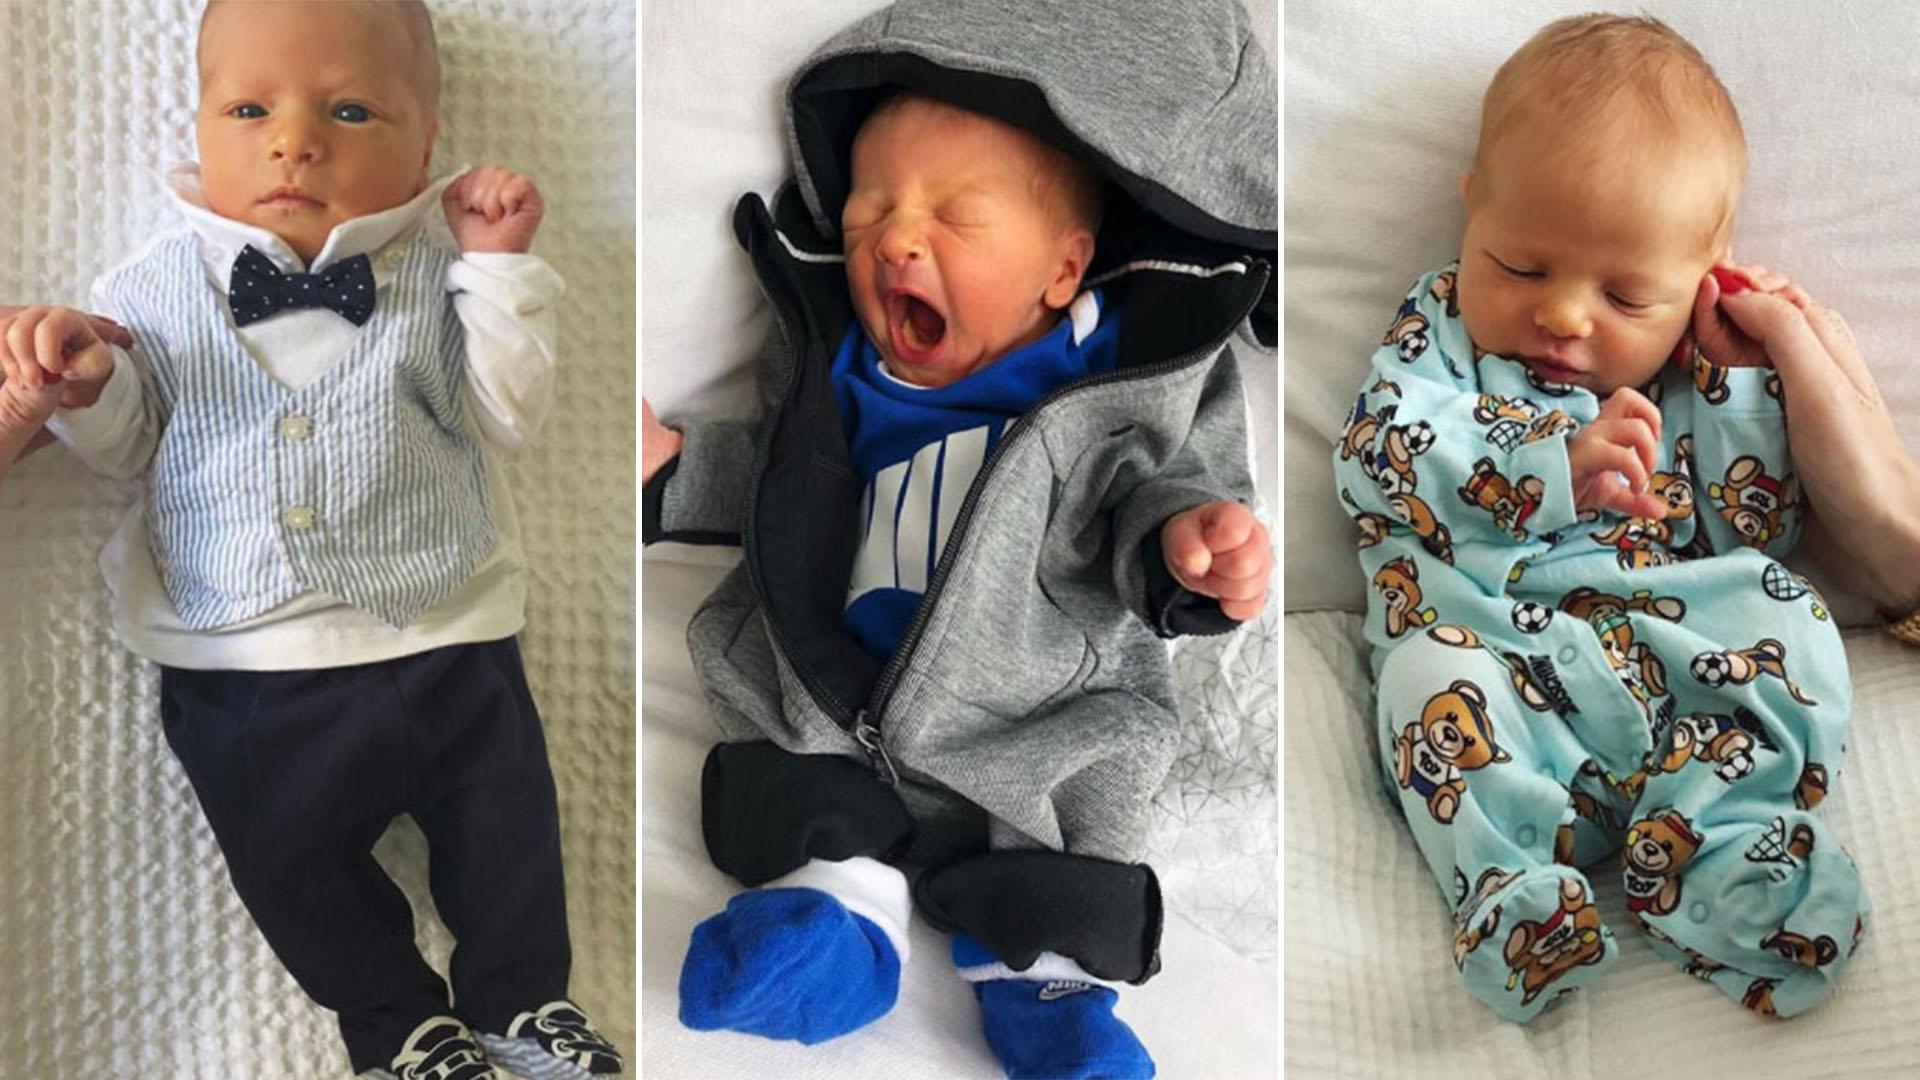 Leo Fedez Ferragni, el próximo baby influencer de las redes sociales